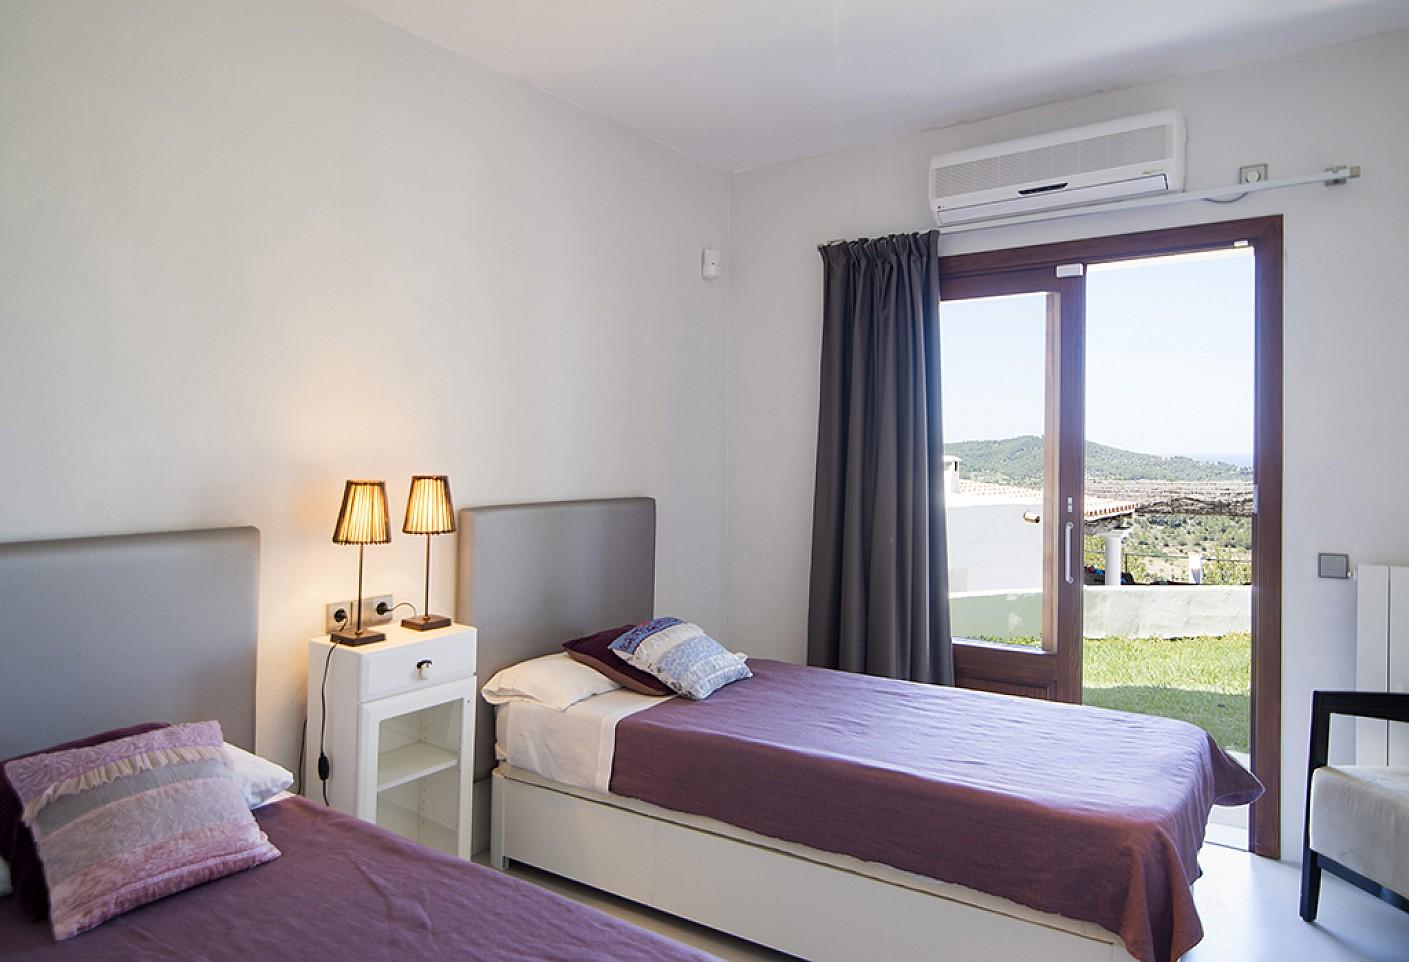 Dormitori doble  d'una vila d'estil eivissenc en lloguer a Sant Agustí, Eivissa